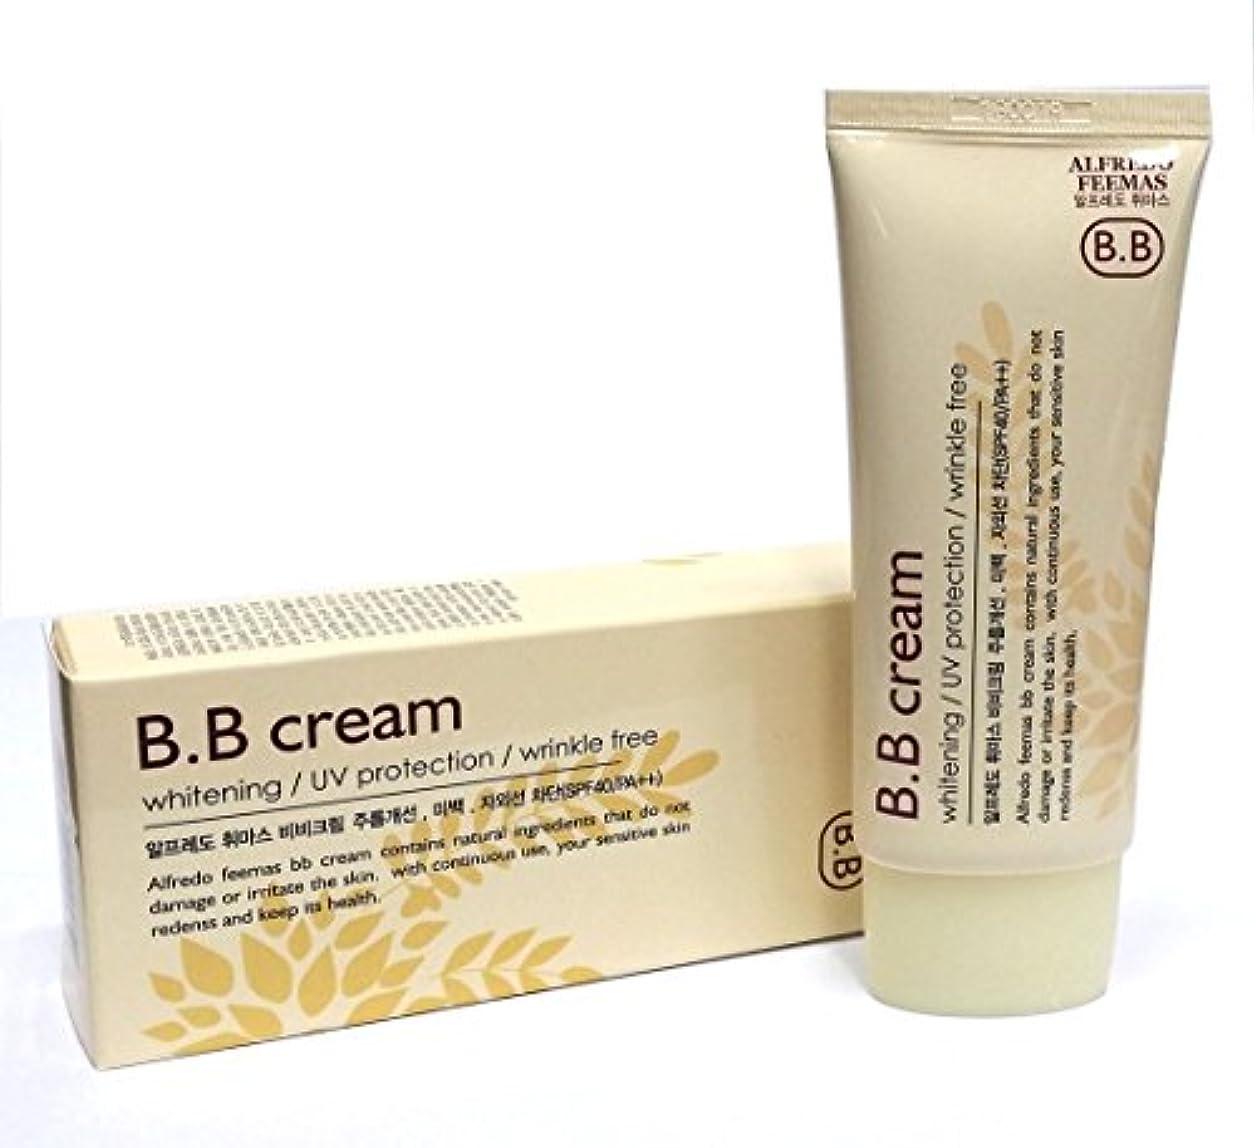 スリム進む注文アルフレッドフェイマスBBクリーム50ml X 1ea / Alfredo feemas BB cream 50ml X 1ea / ホワイトニング、しわ、UVプロテクション(SPF40 PA ++)/ Whitening...